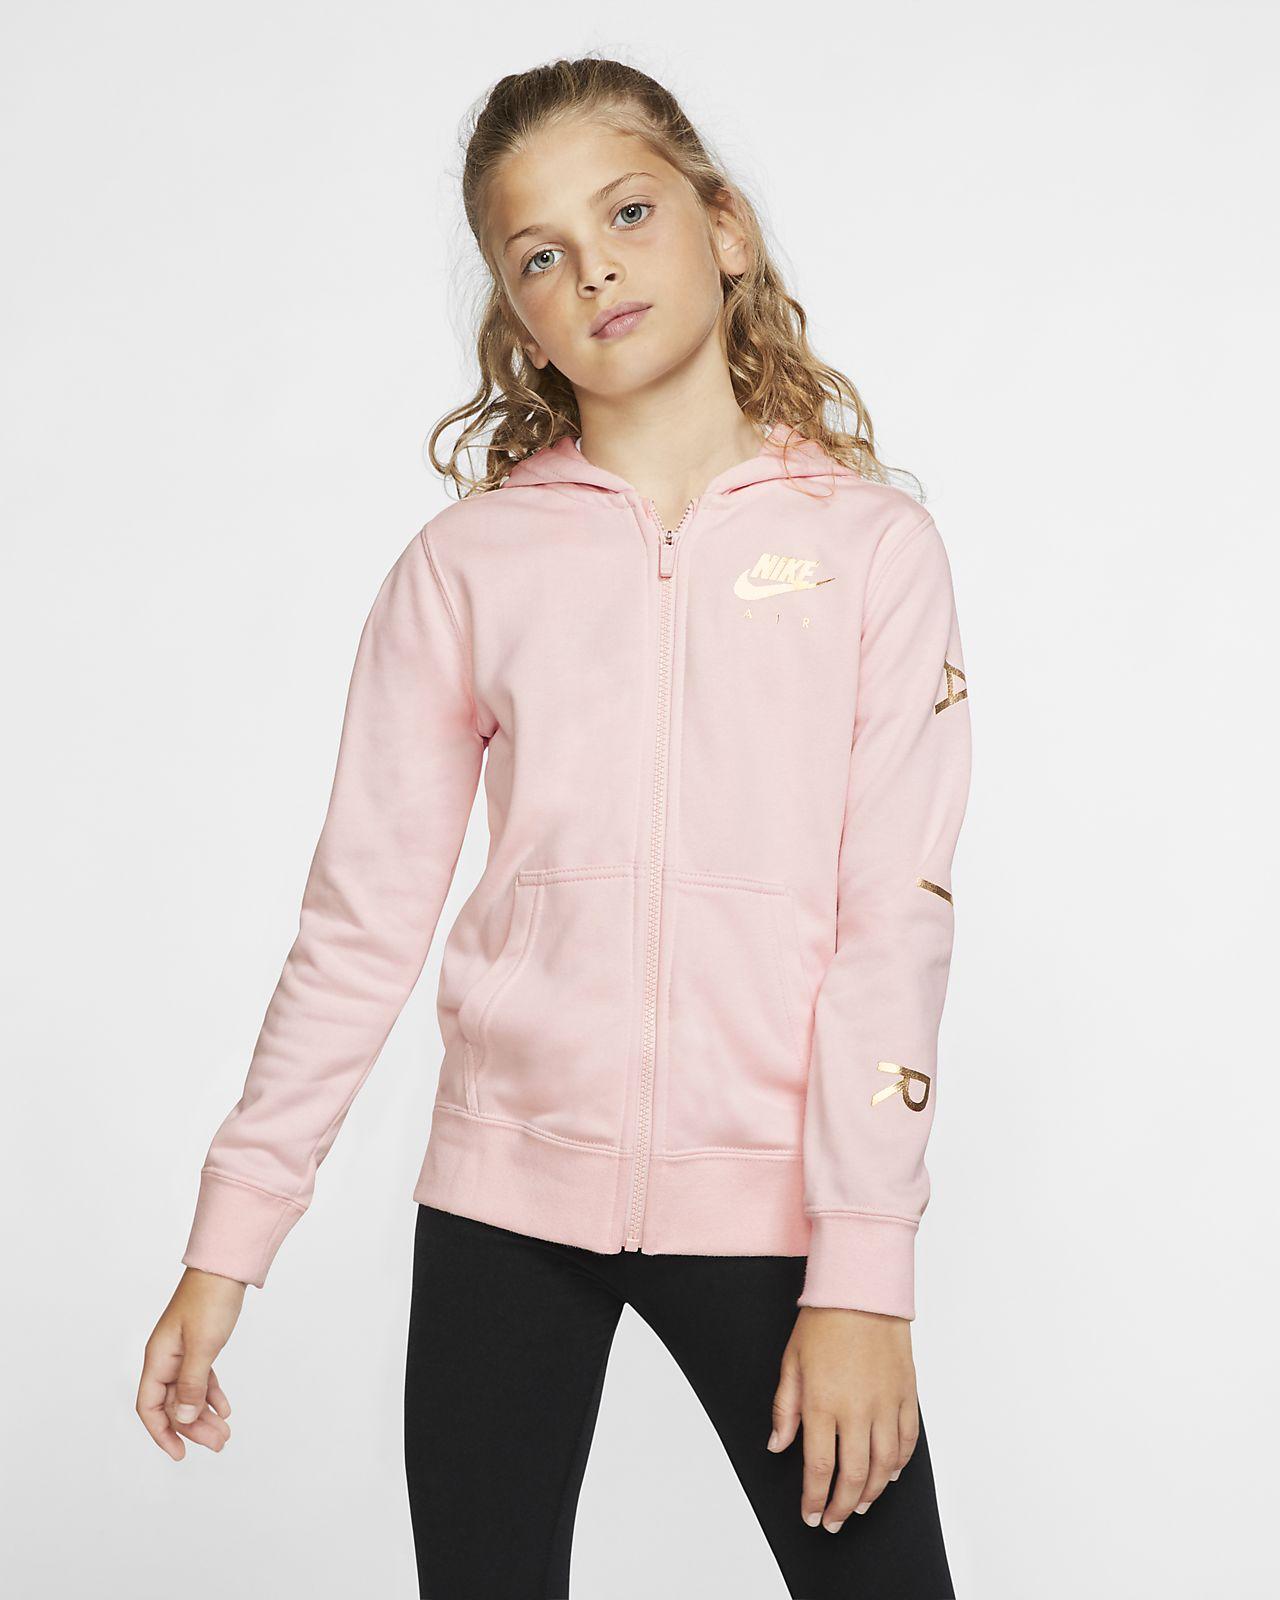 Nike Air Older Kids' (Girls') Full Zip Fleece Hoodie